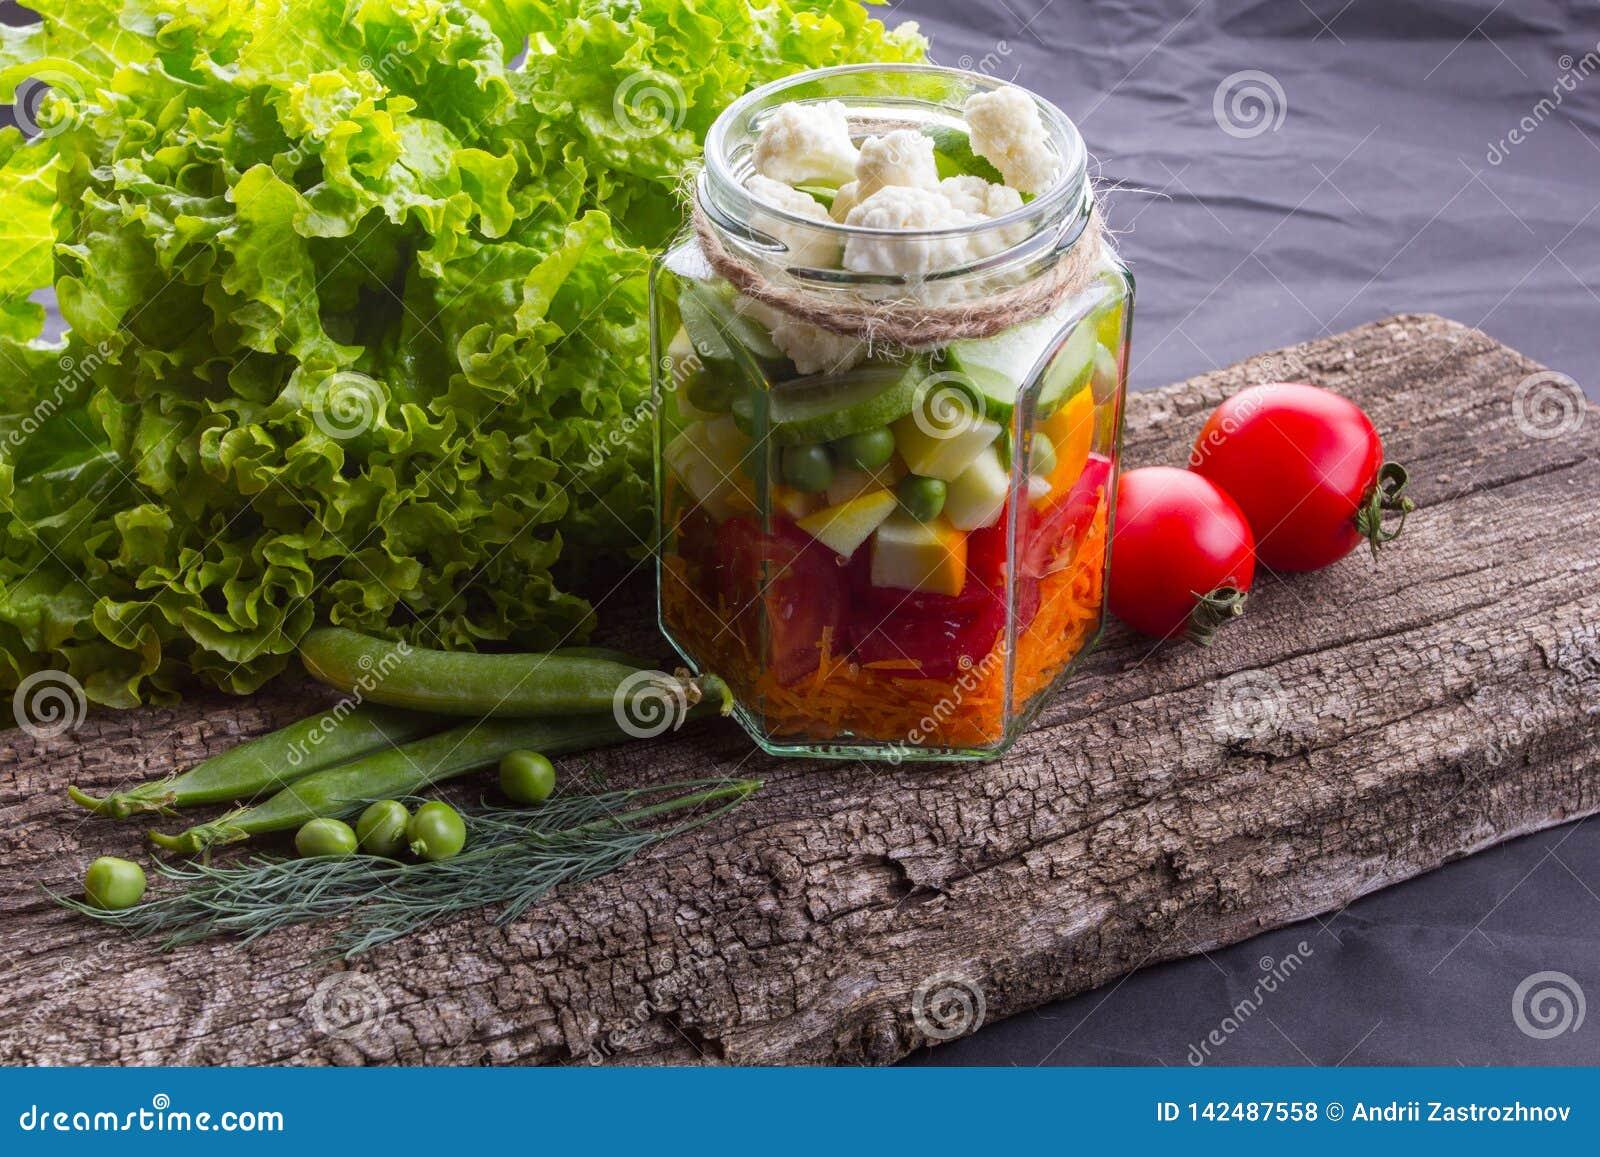 Ensalada de las verduras frescas con las hierbas en un tablero de madera, fondo texturizado negro